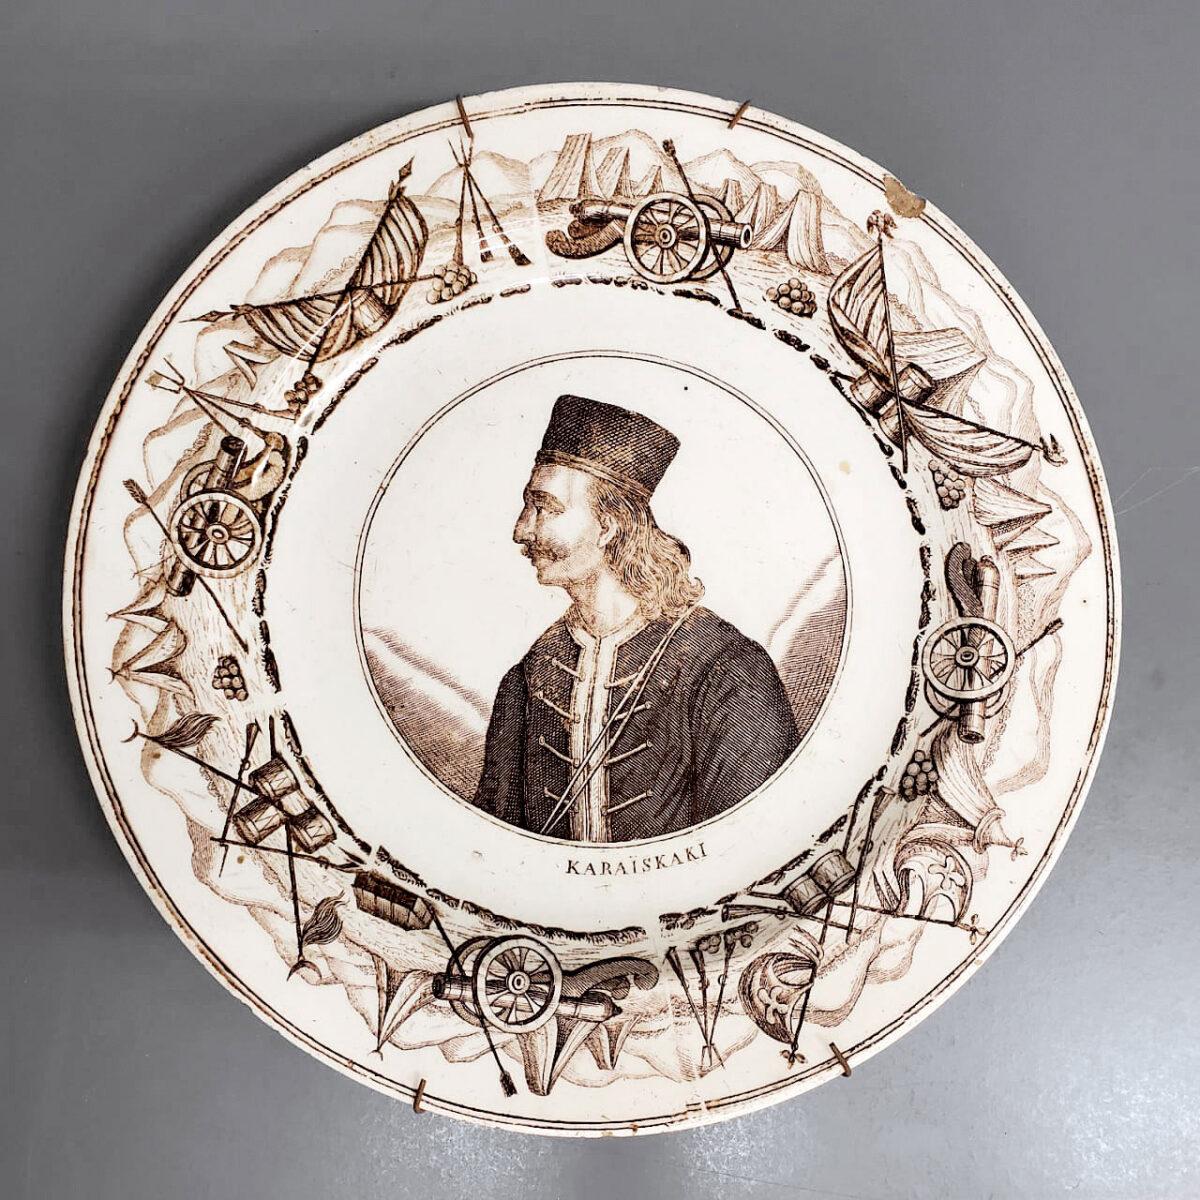 «Γεώργιος Καραϊσκάκης», πορτρέτο σε πιάτο, διαμ. 22,2 εκ., Μουσείο Μπενάκη 8509.